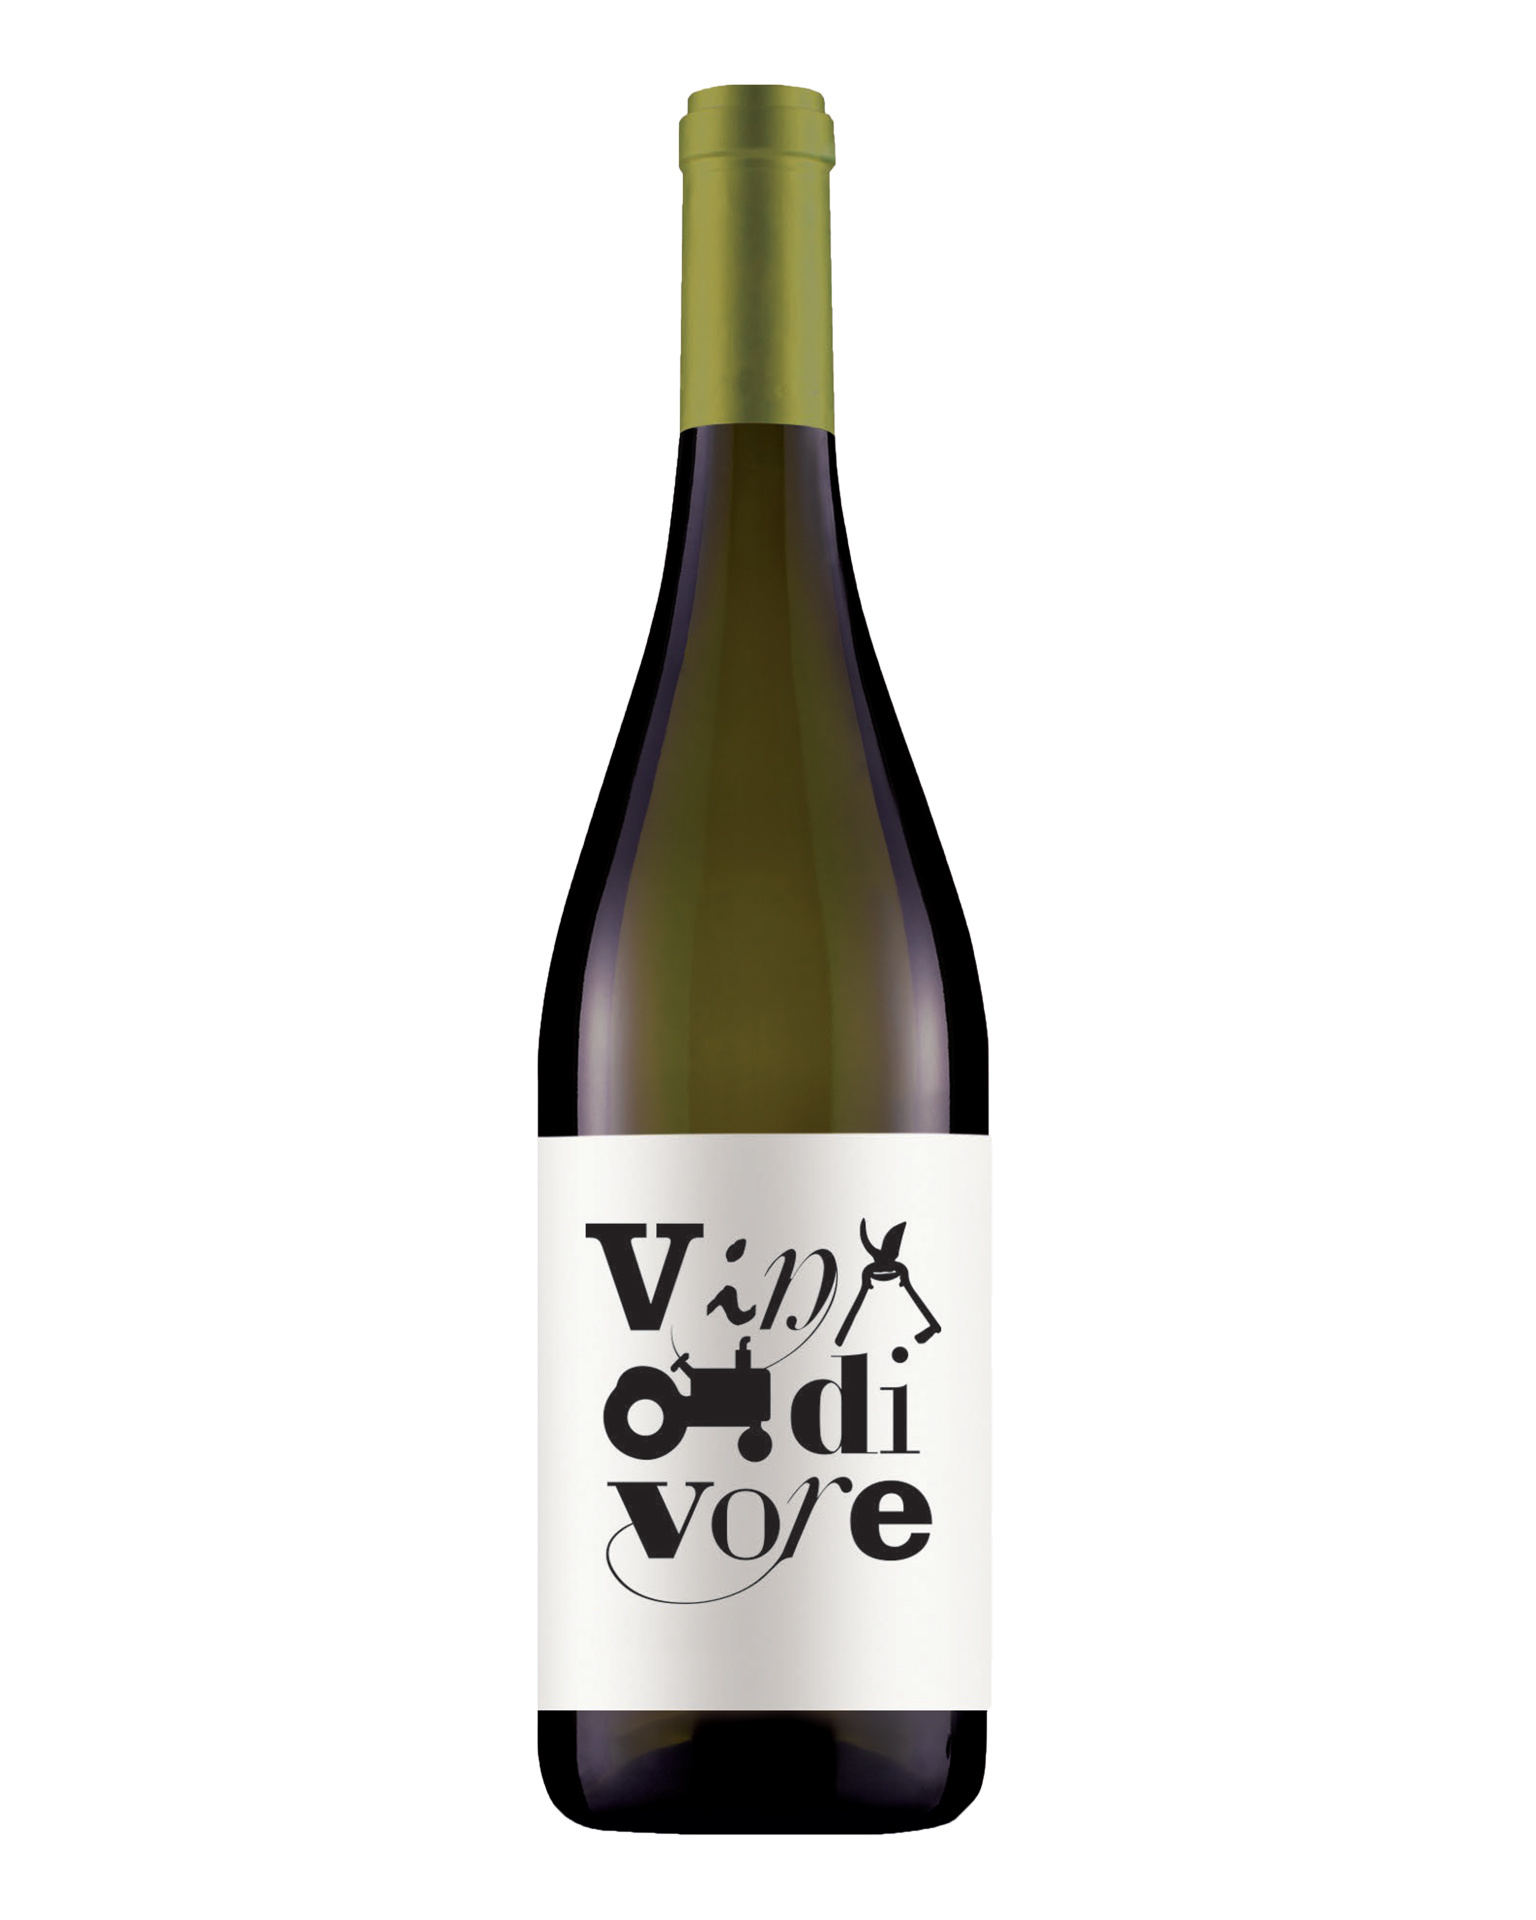 Ronco del Gelso Sauvignon Blanc, Vin di Vore 2019-2